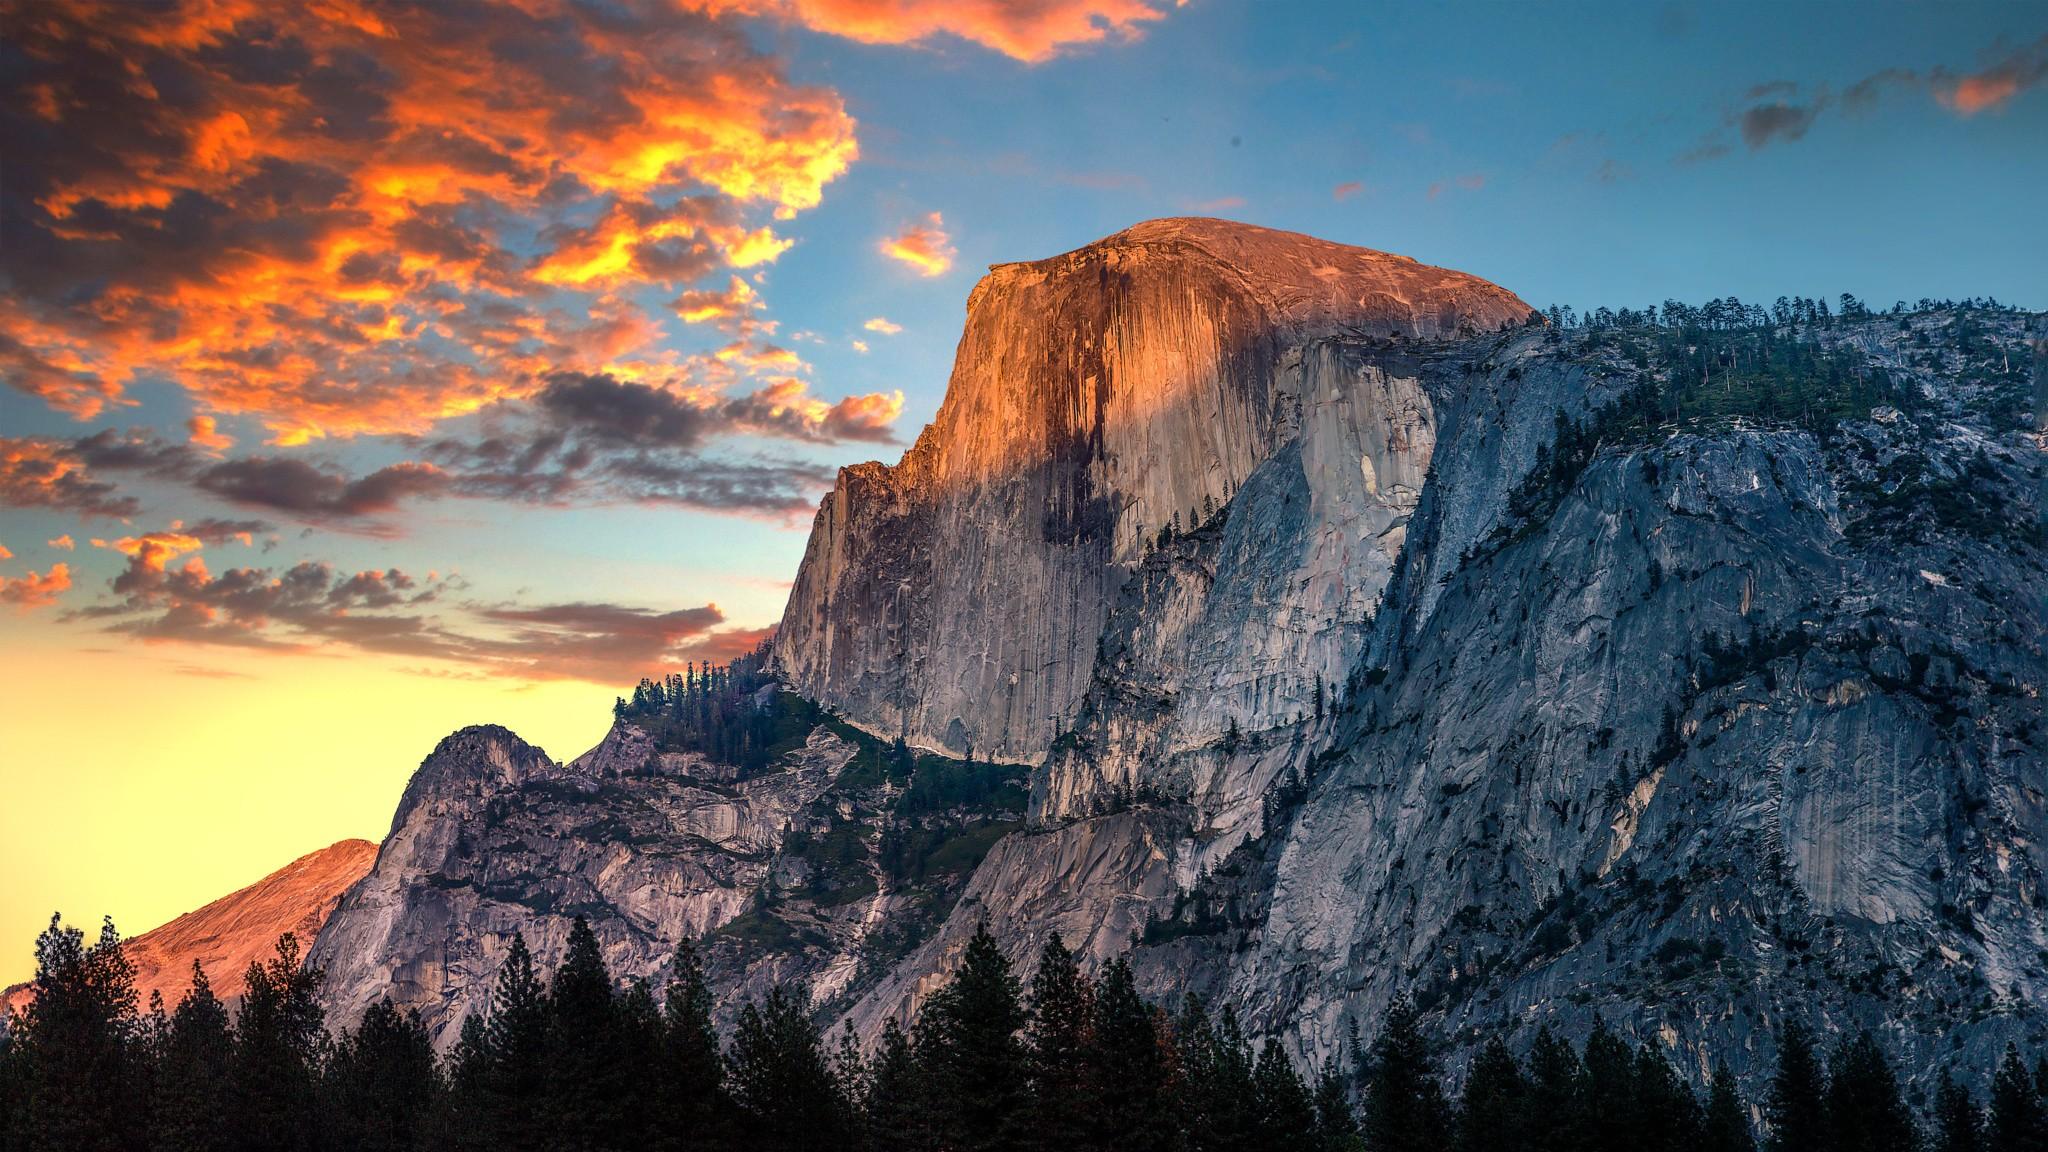 hd wallpaper mountain drive - photo #6